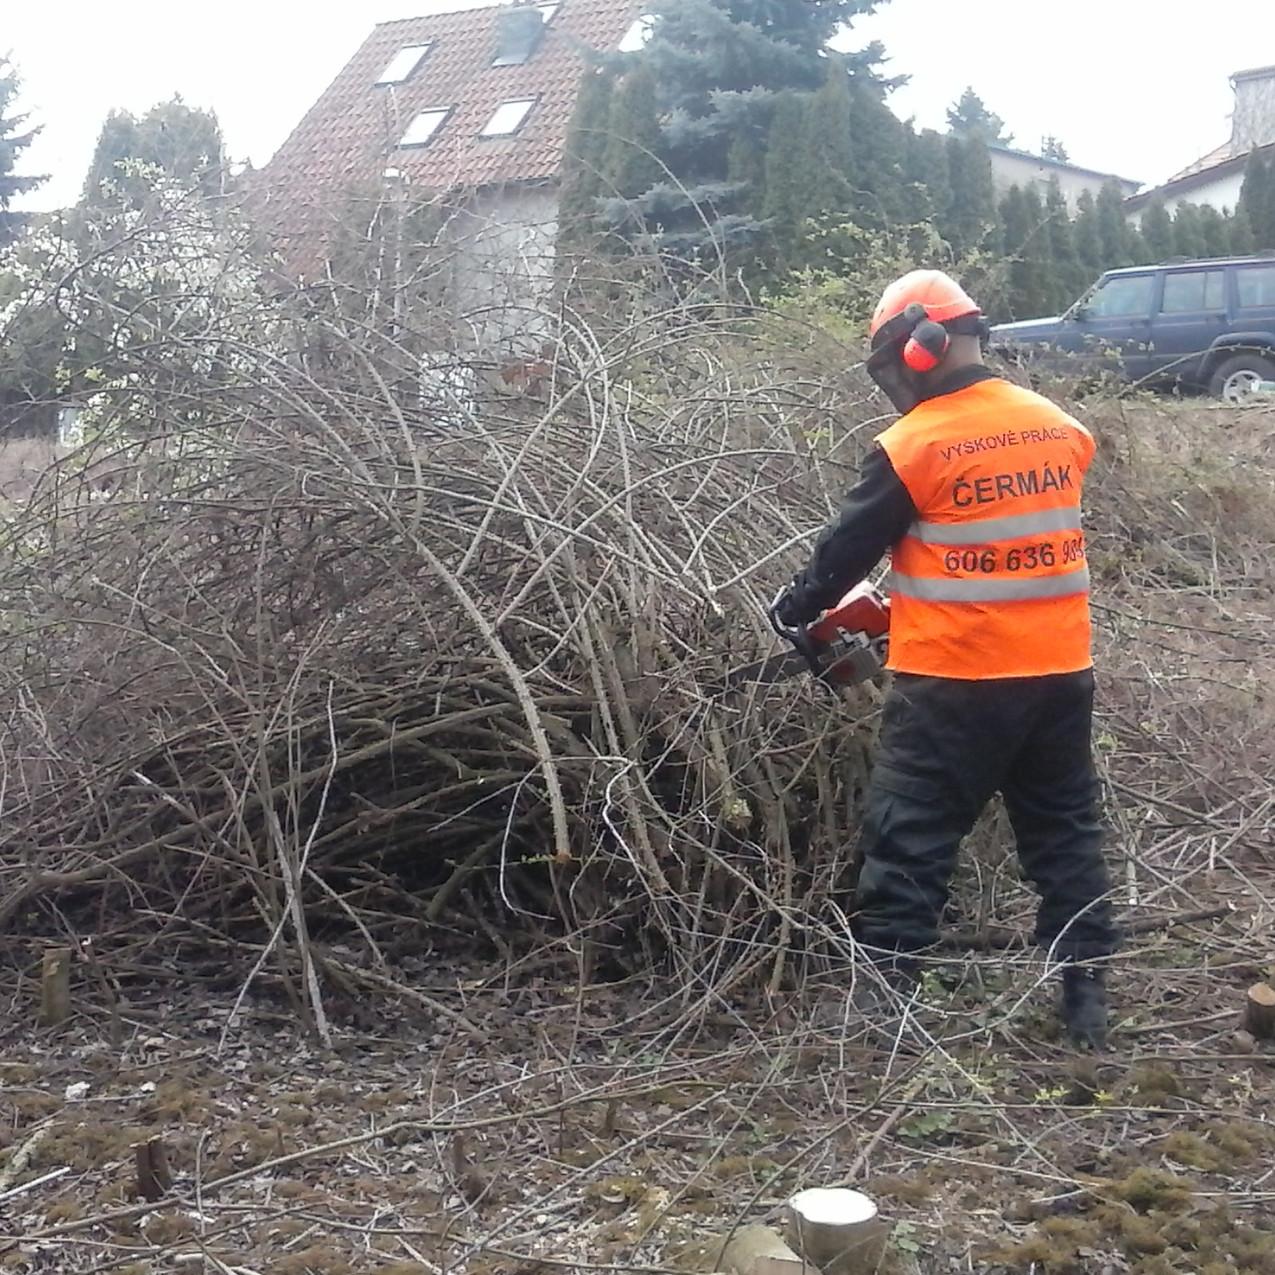 arboristicke_prace_cermak_a019